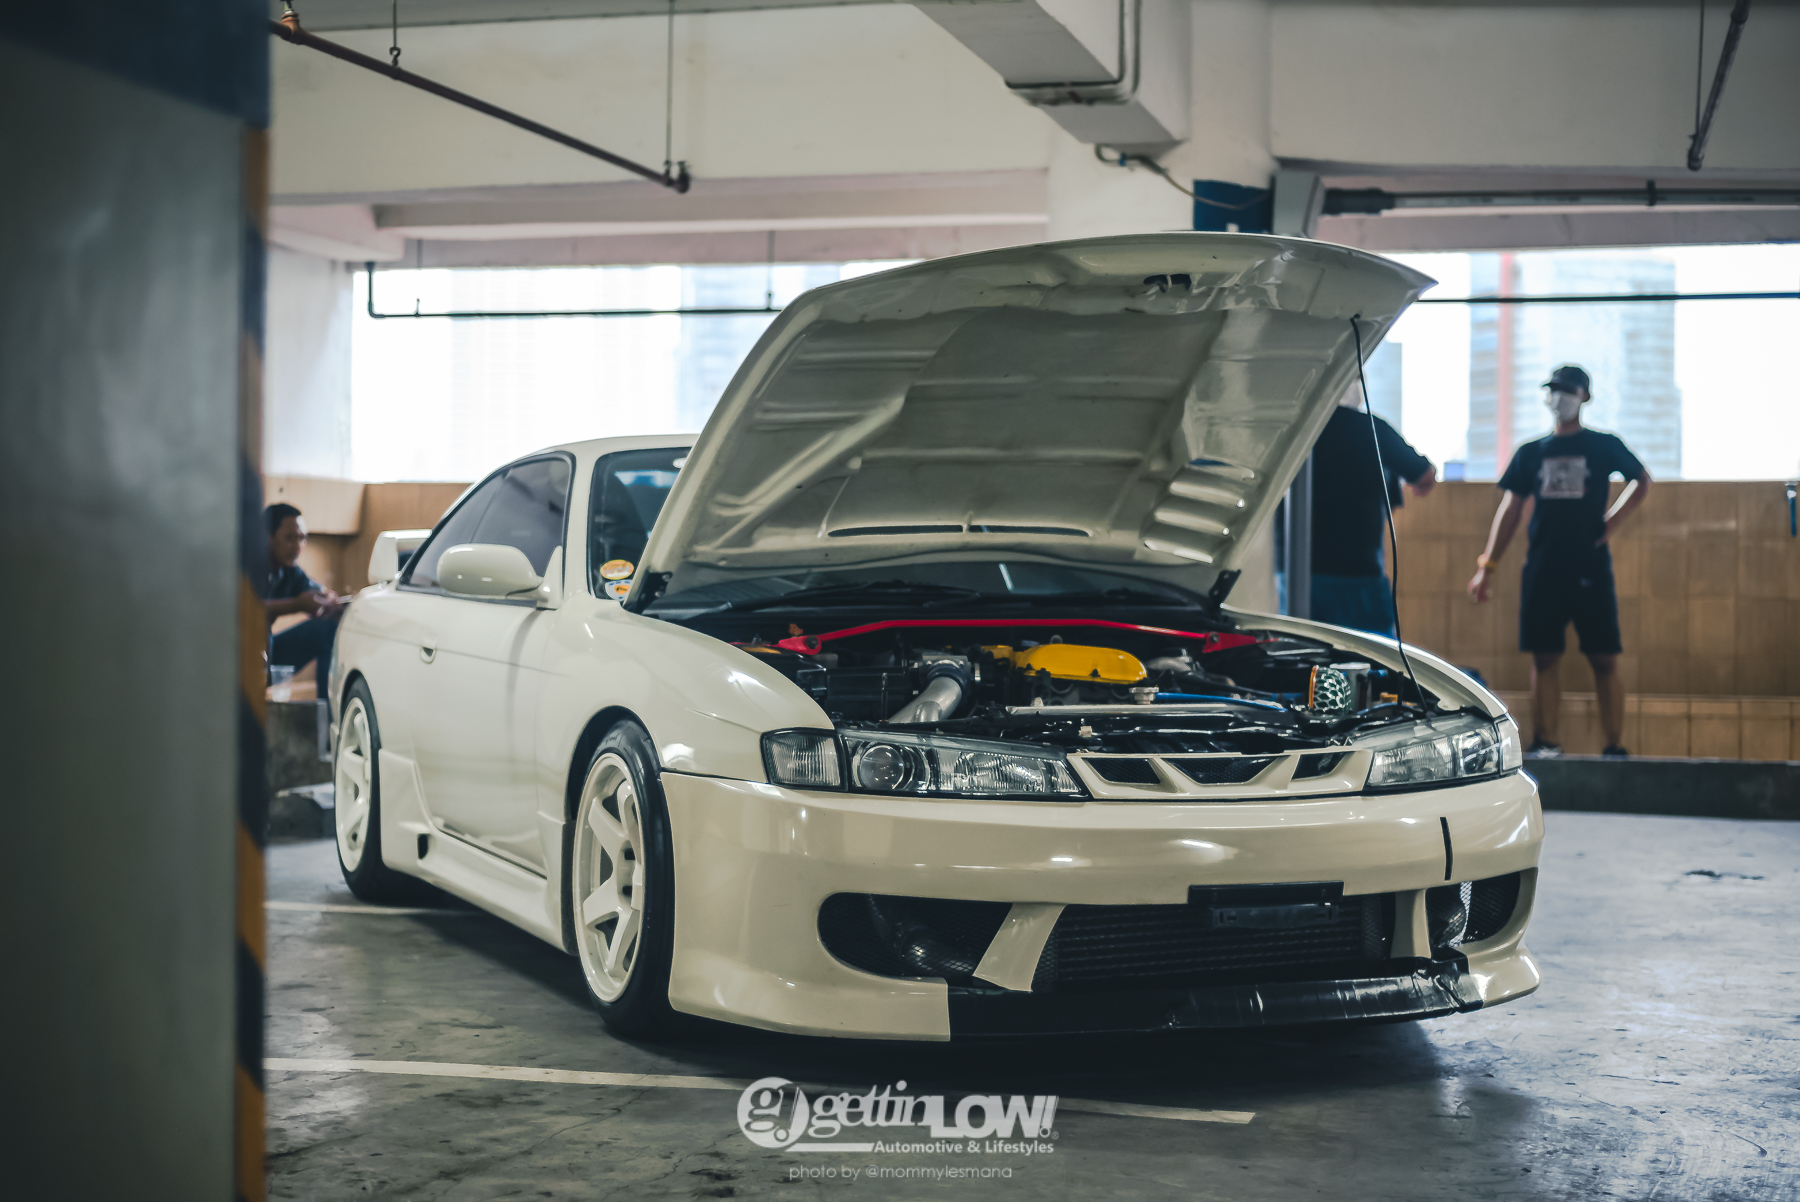 1998 Nissan Silvia S14 SR20DET